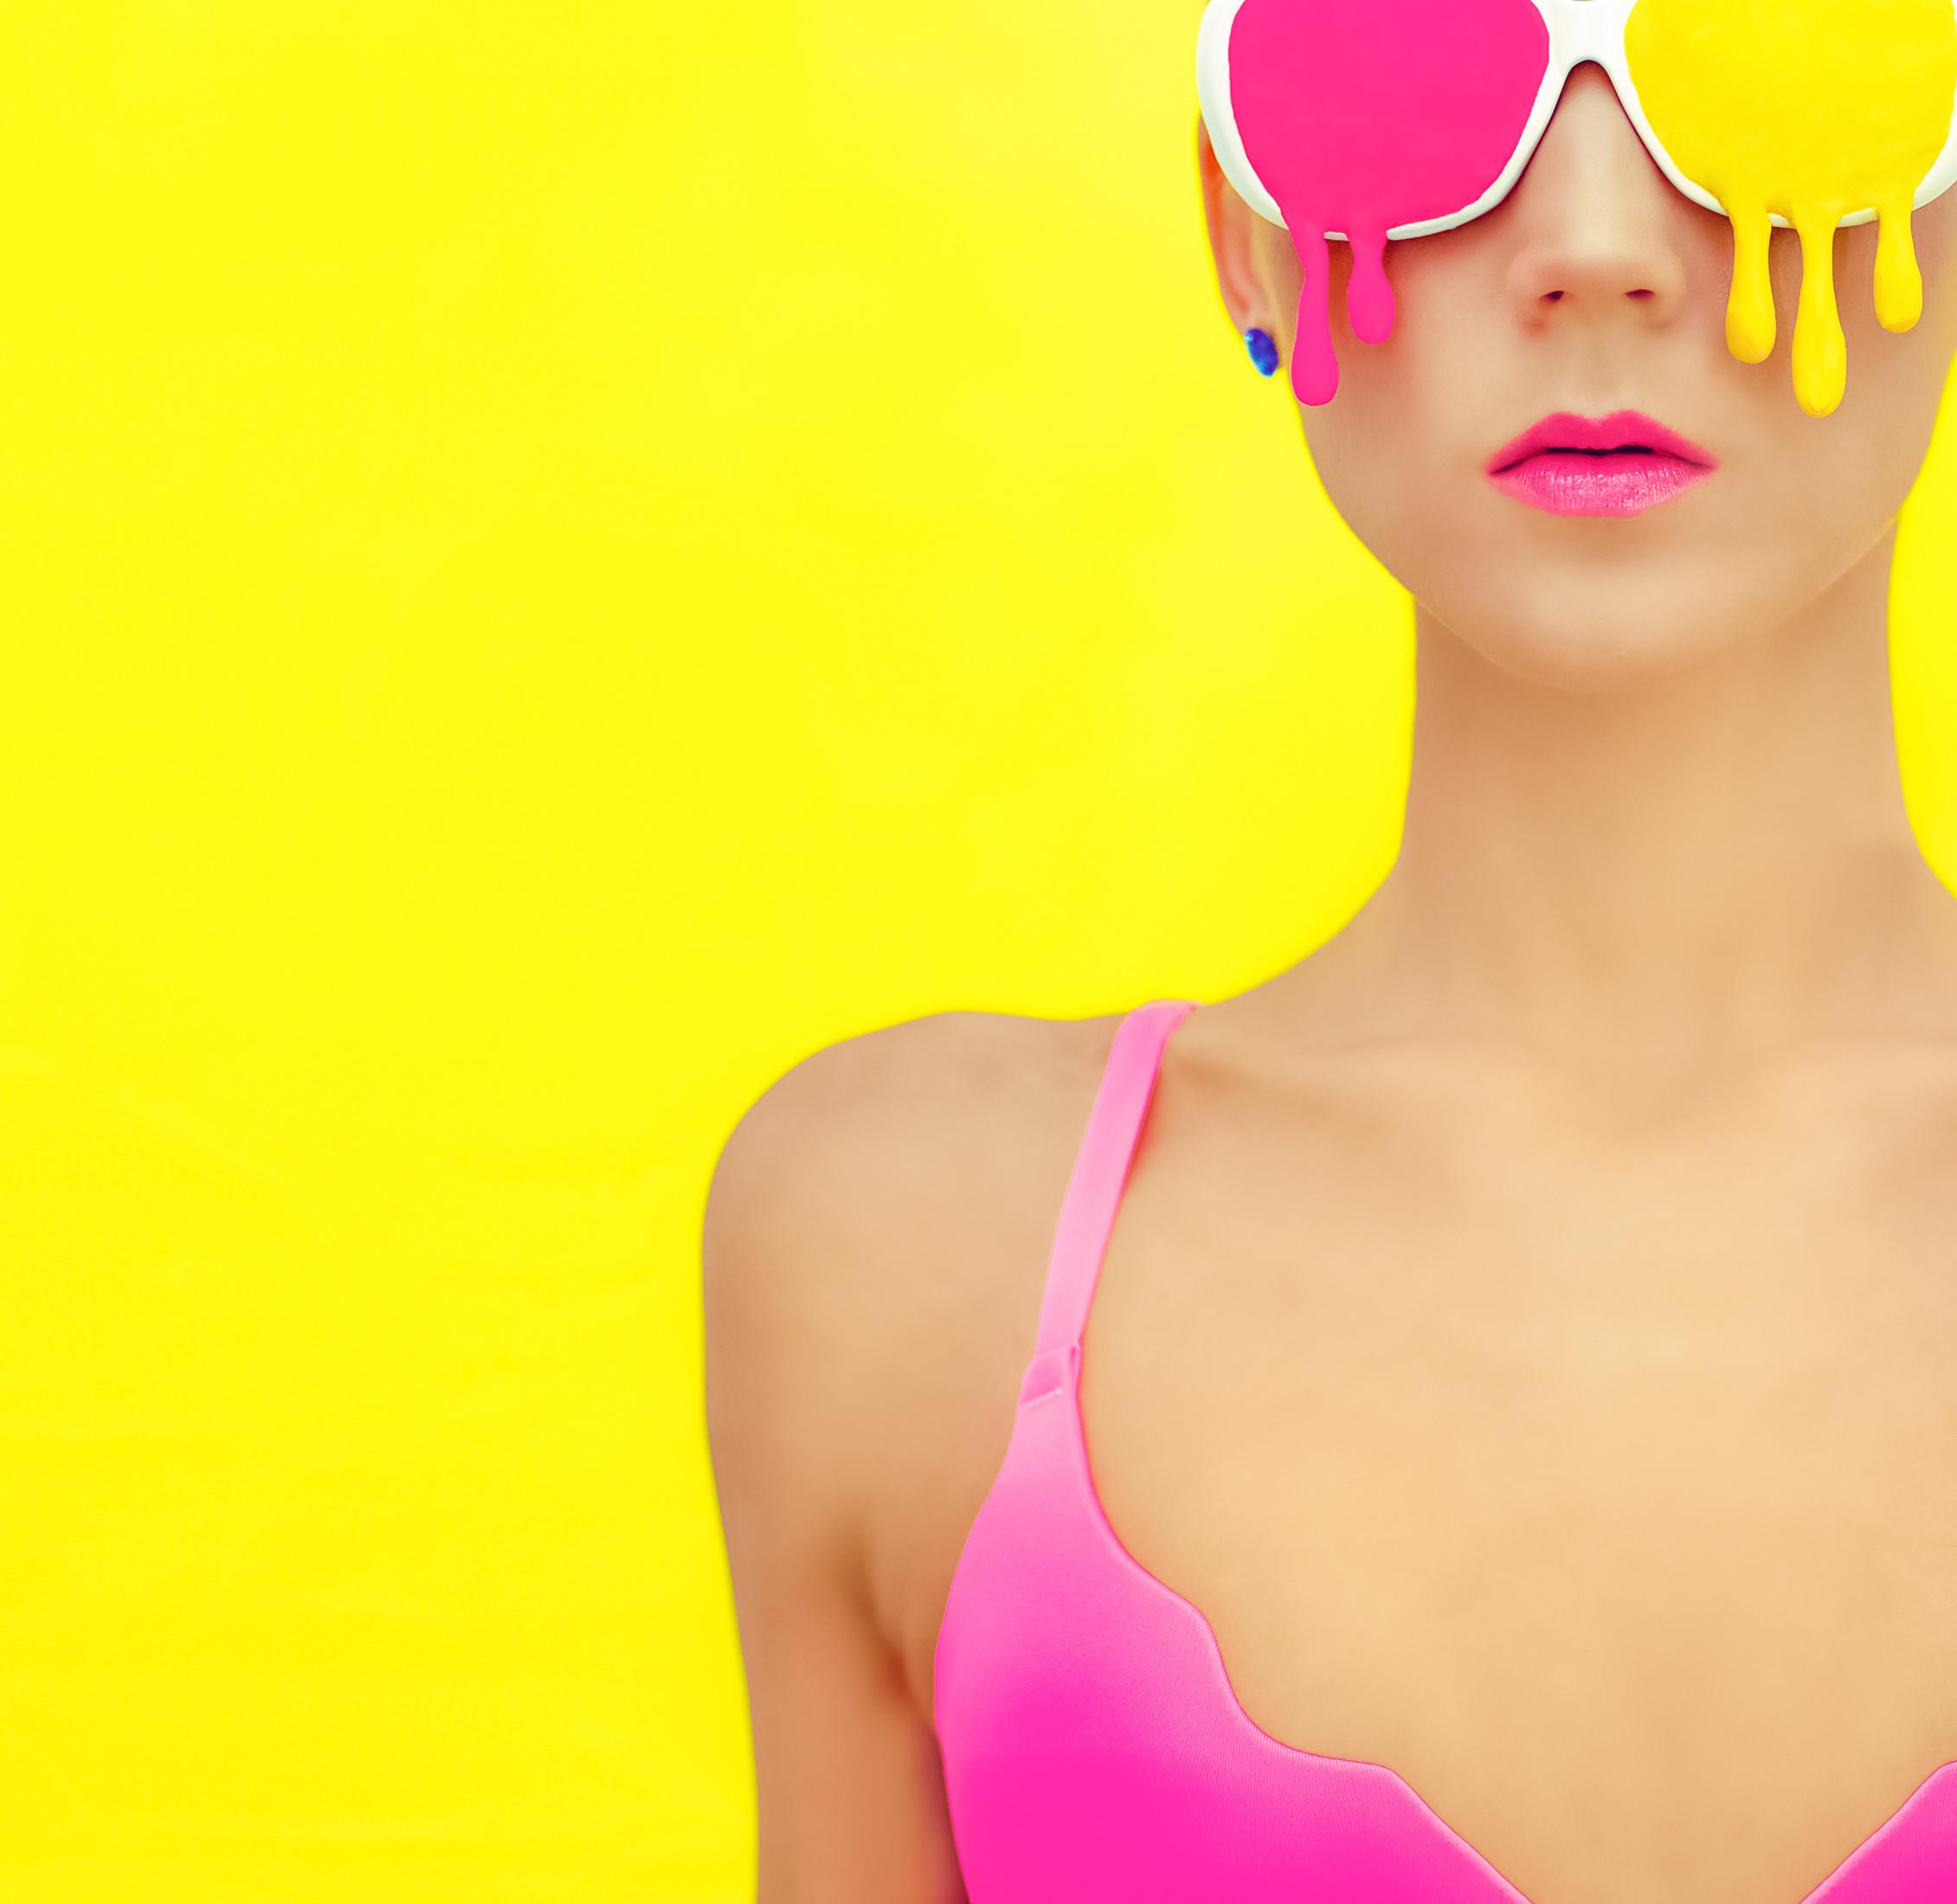 Druckerei Zimmer Farbe Frau Gelb Pink